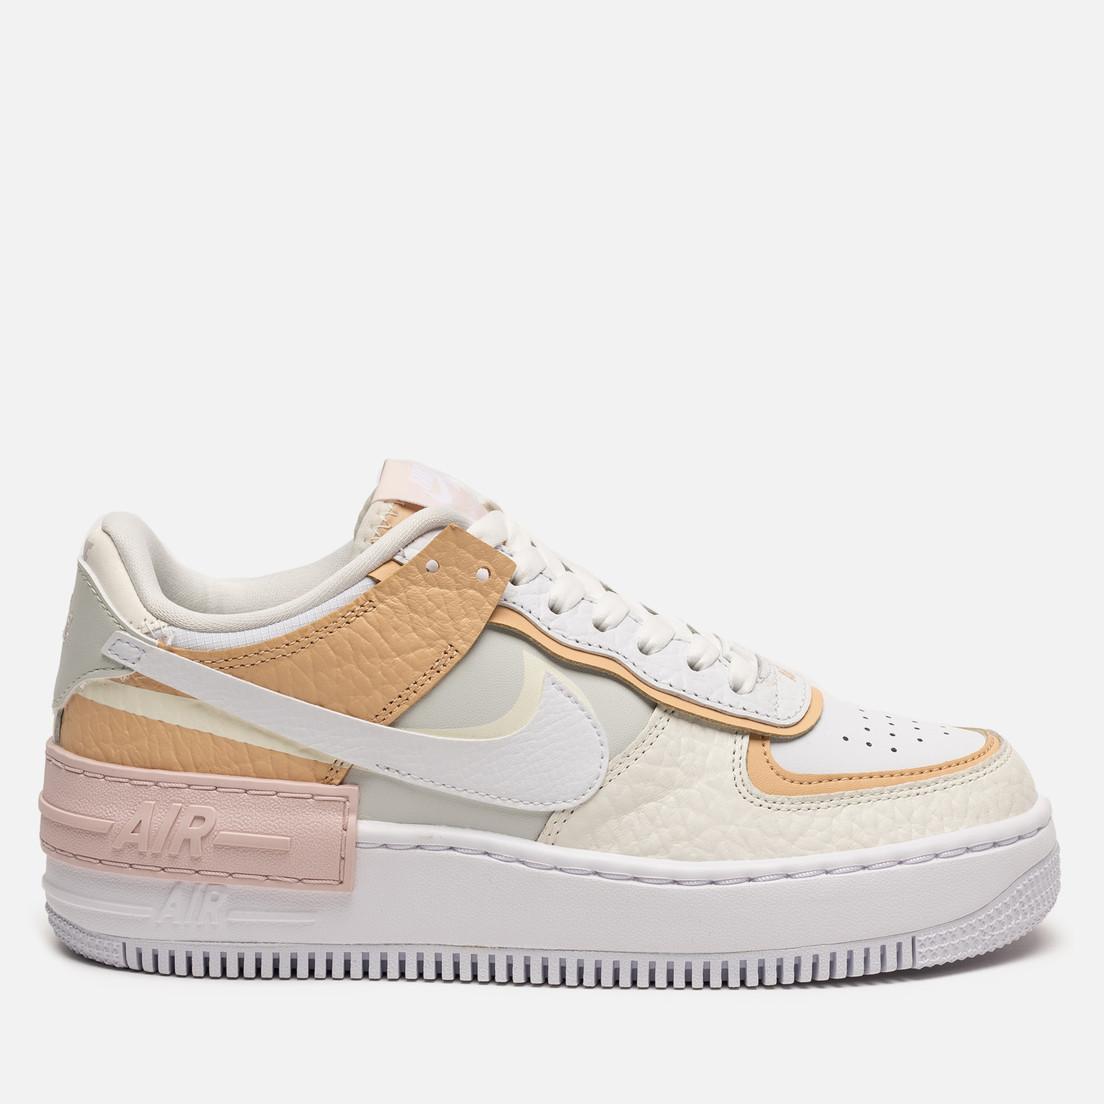 Жіночі кросівки в стилі найк Air Force 1 Low White Shadow Beige